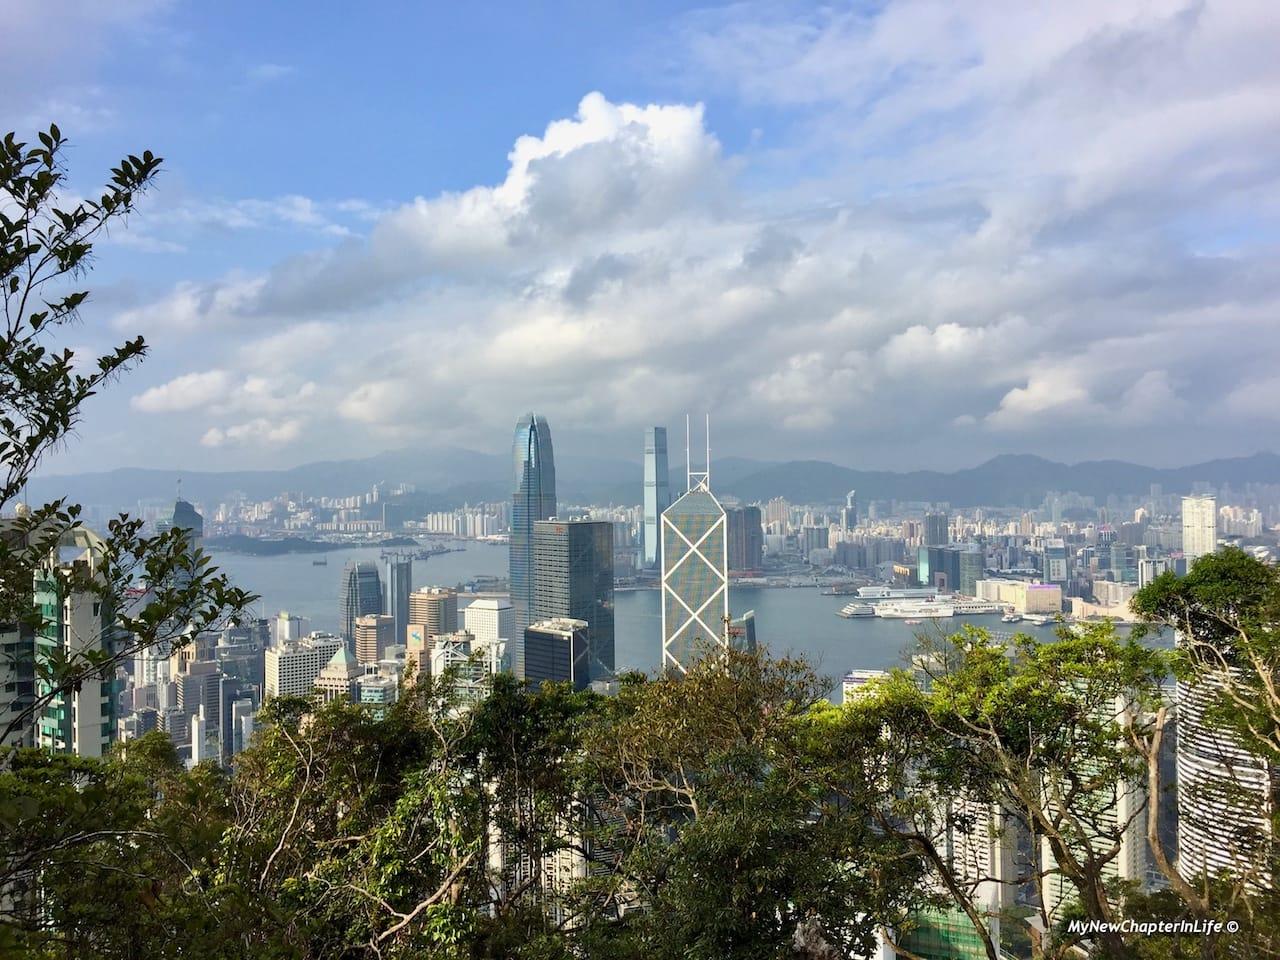 中環及西九龍景色 View of Central and West Kowloon